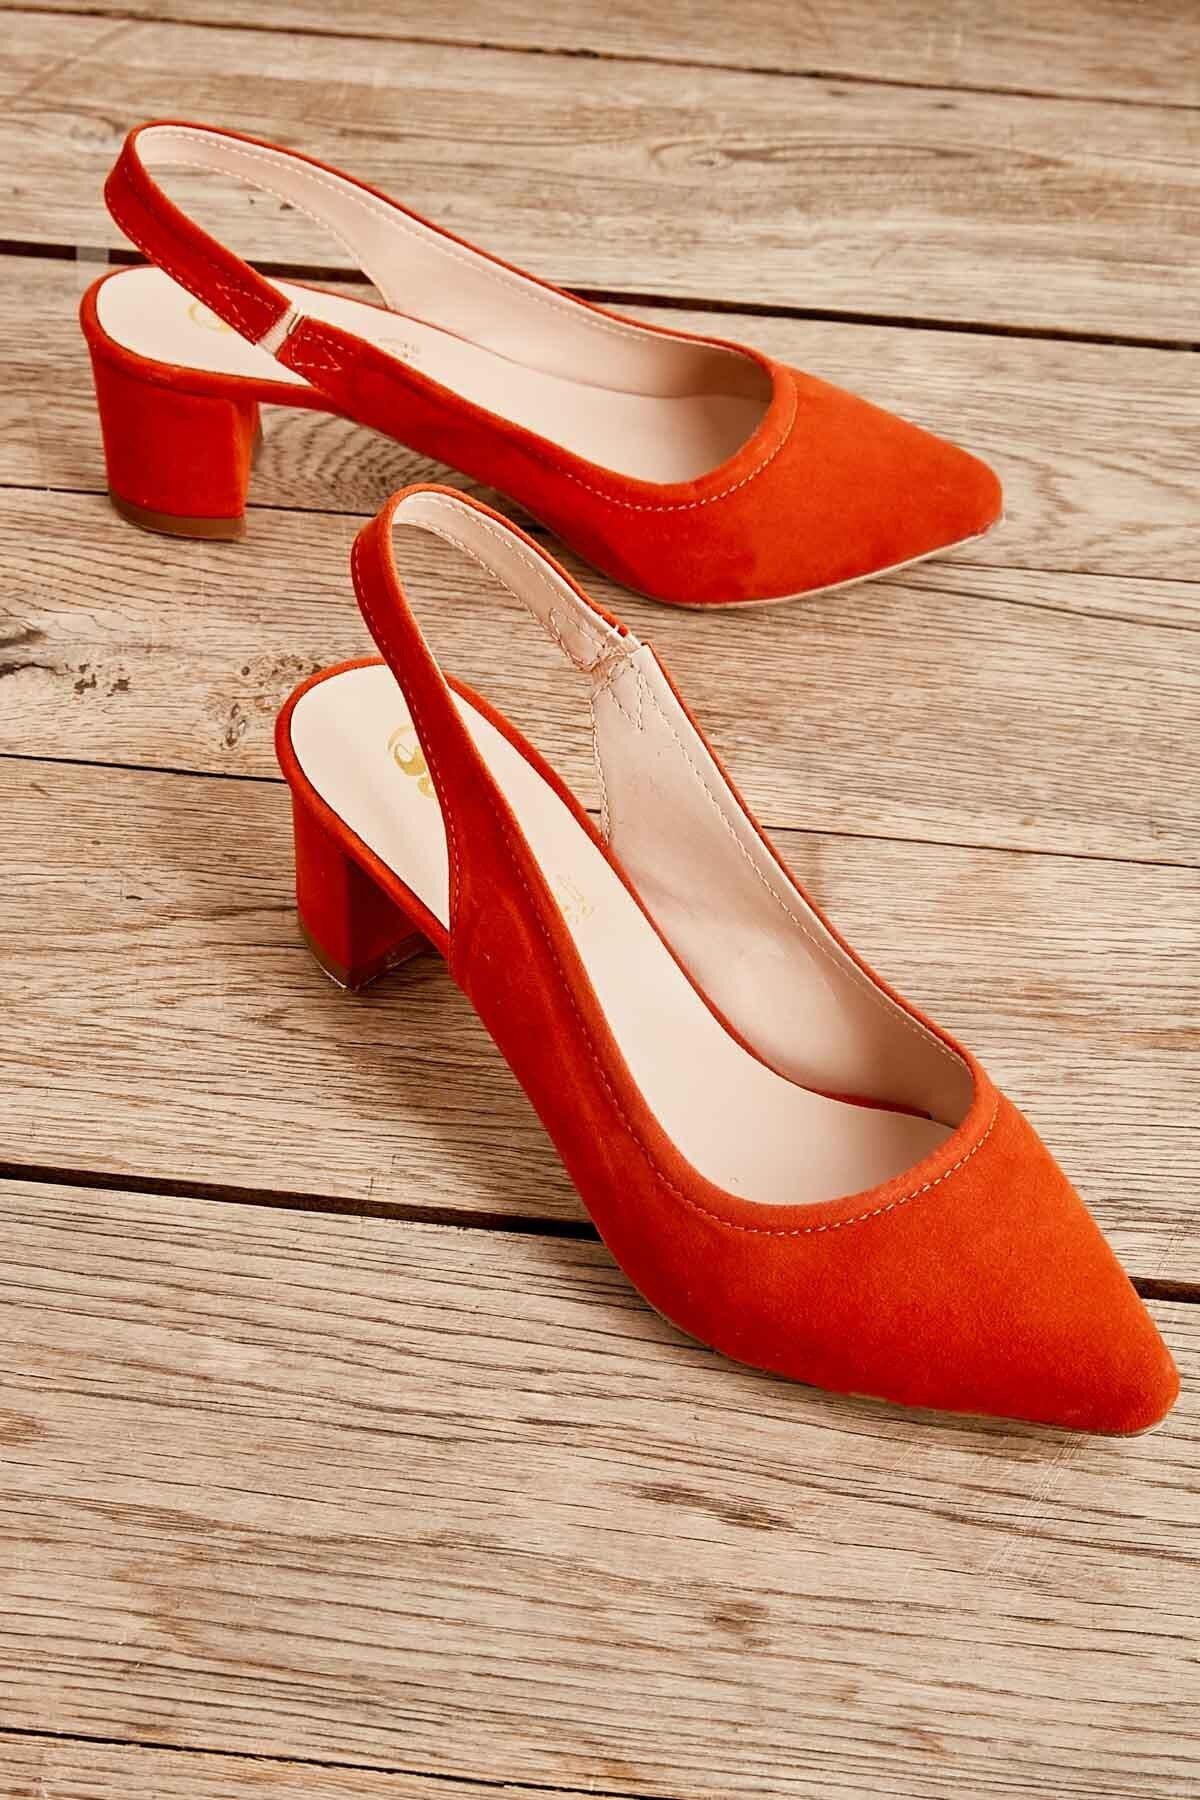 Oranj Süet Kadın Klasik Topuklu Ayakkabı K01503721072